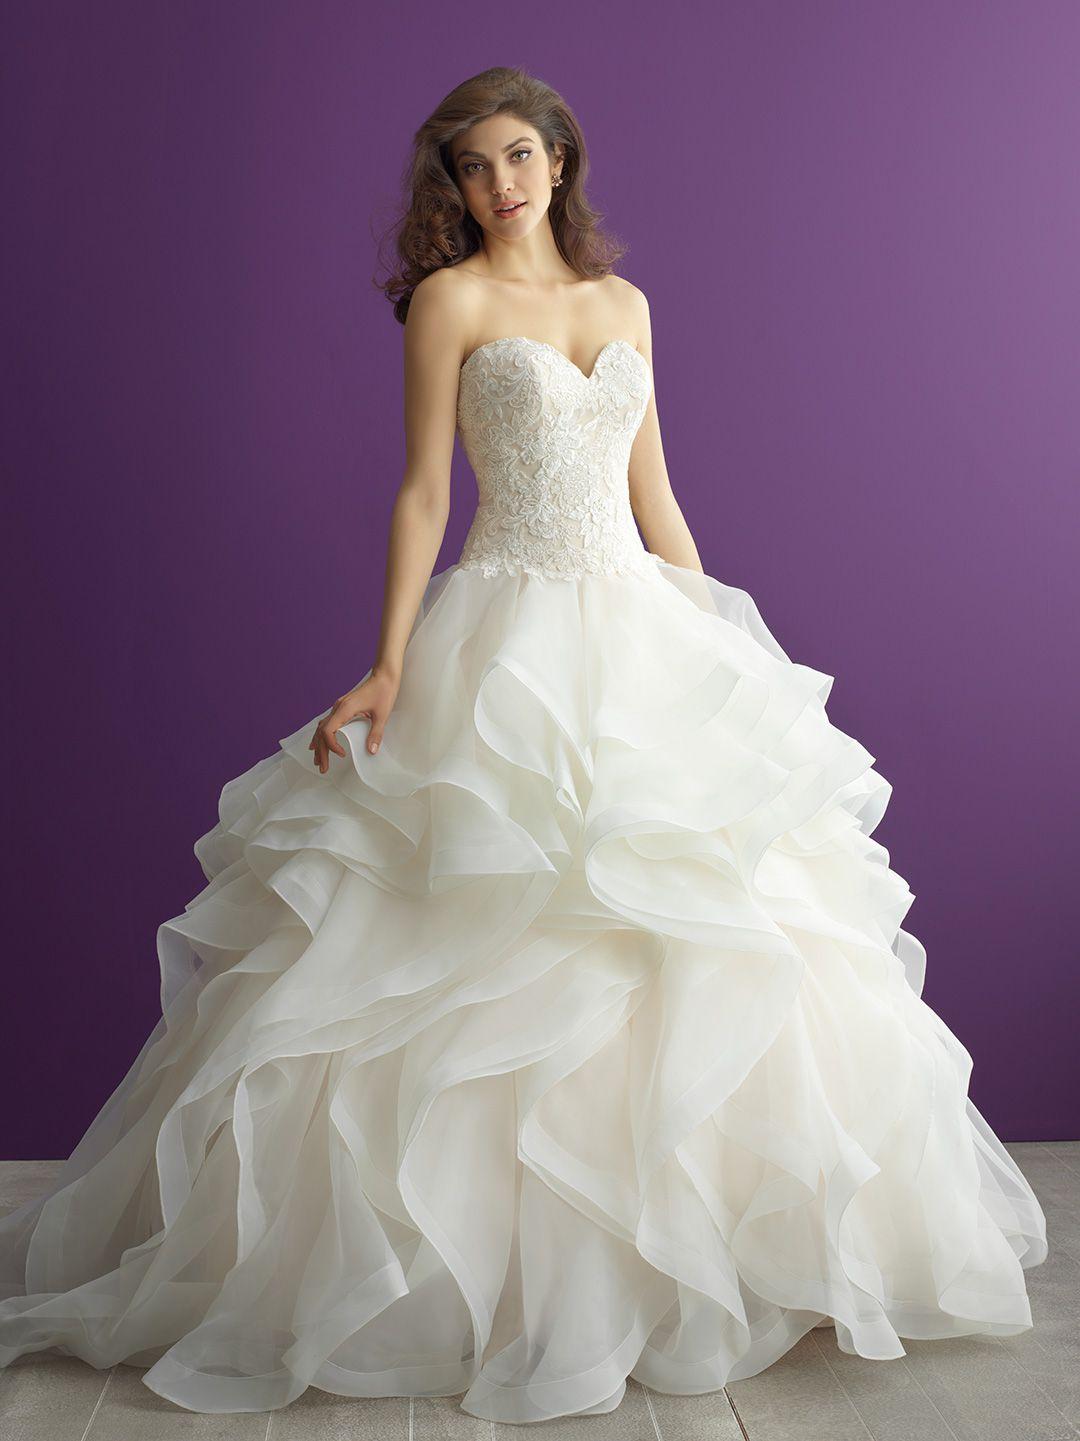 Allure Bridals - 2957   Allure Bridals Dresses at Romashka Bridal ...